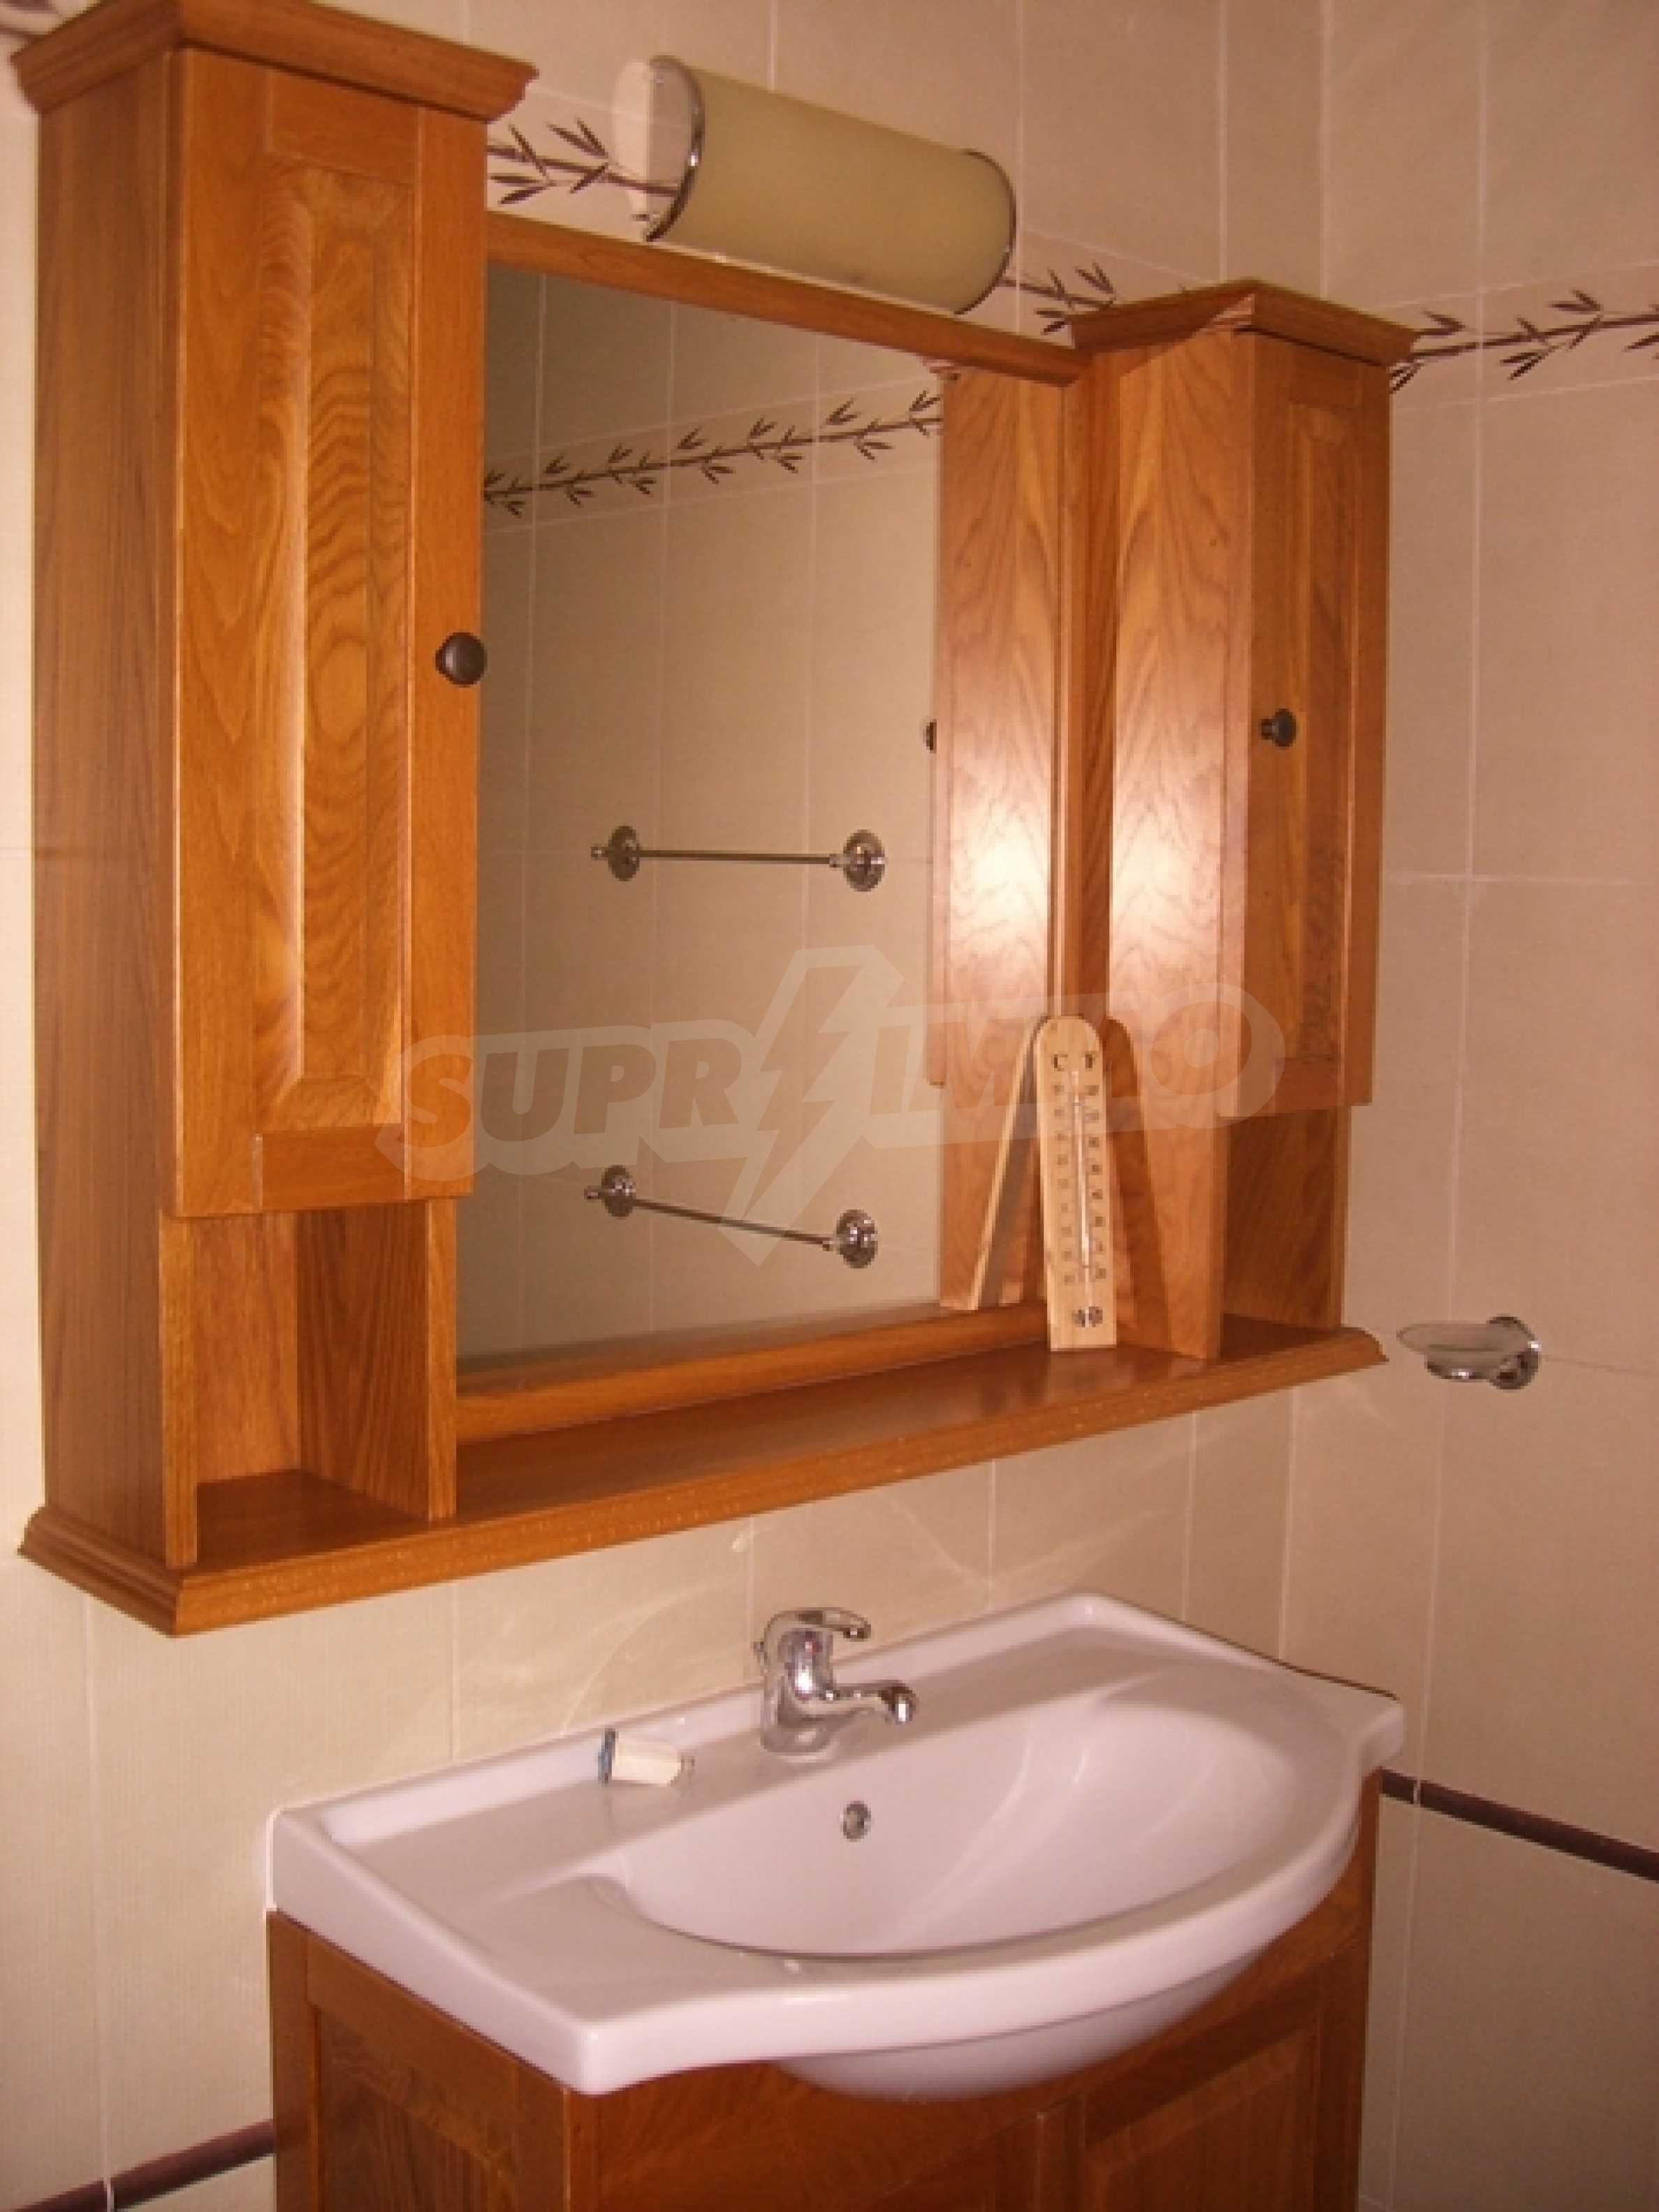 House Bulgarian Dream Home 25